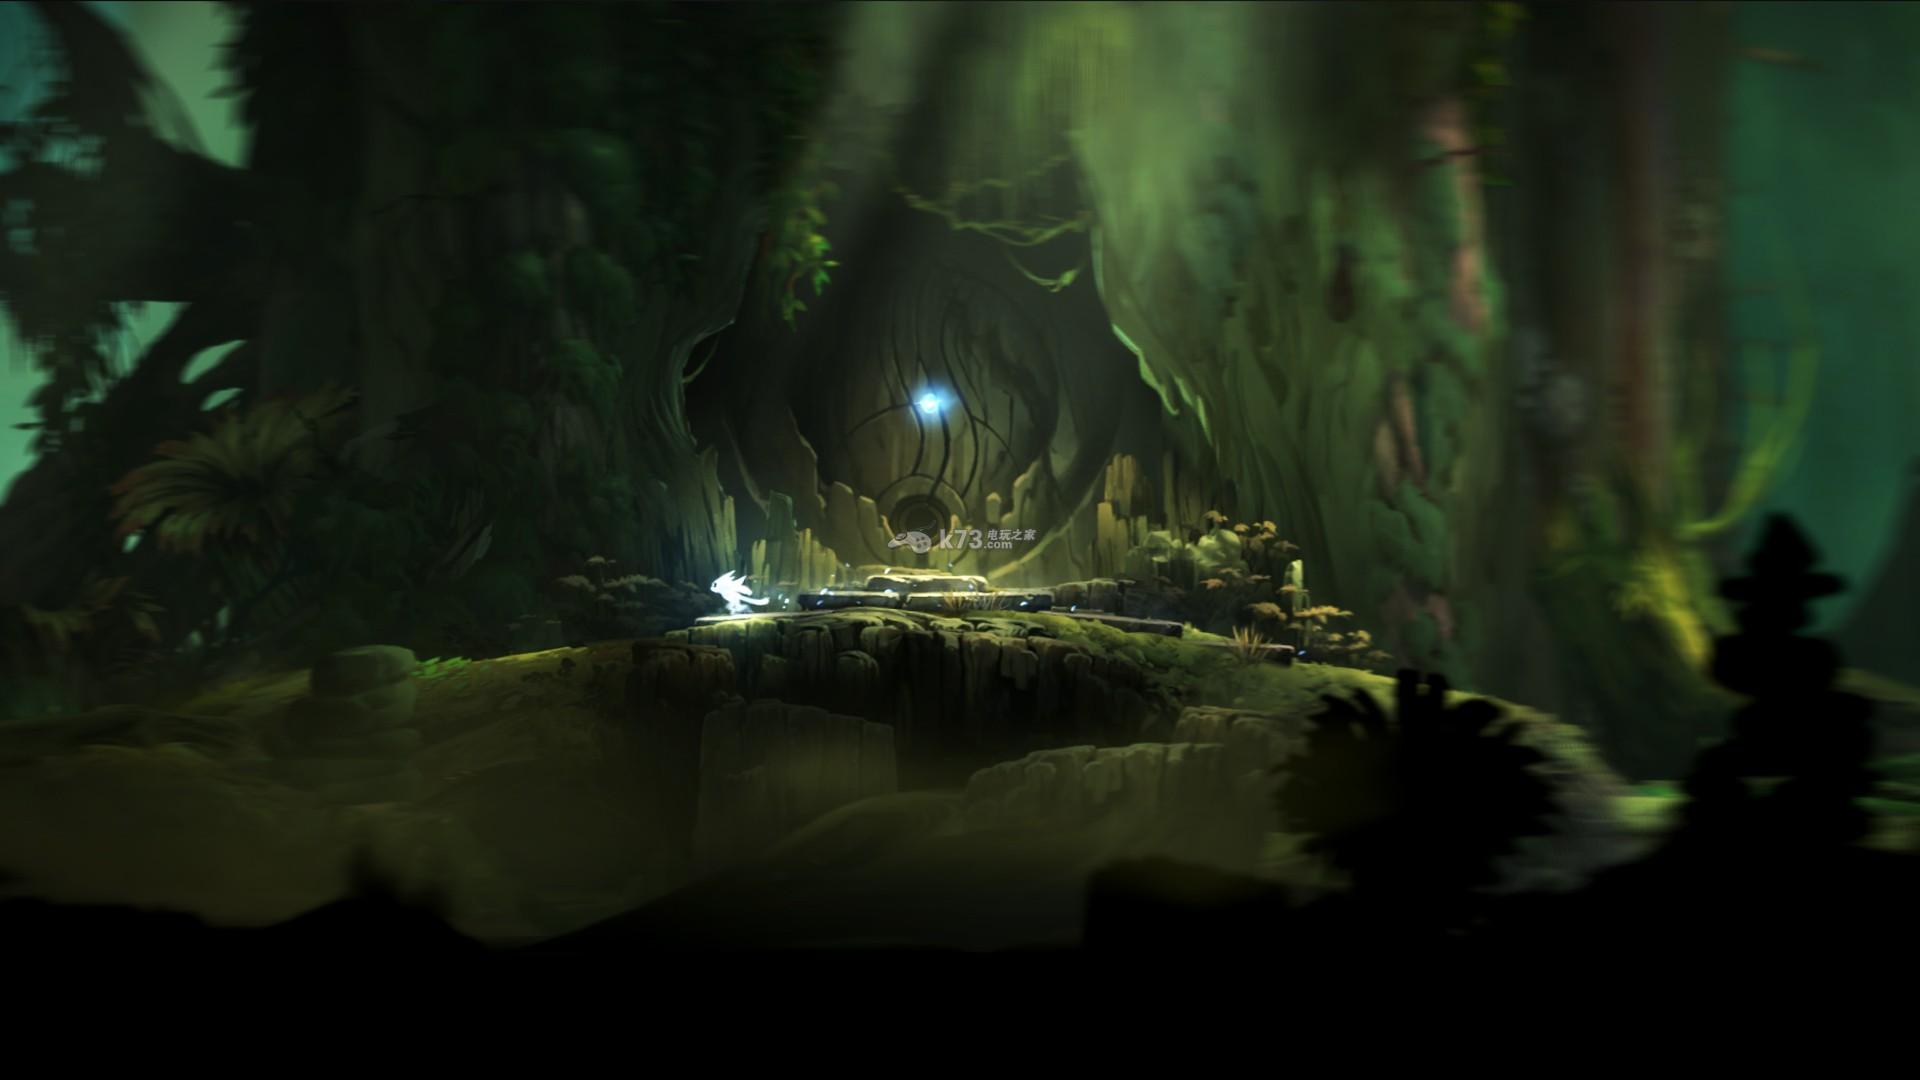 奥日与黑暗森林终极版简体中文版下载 奥日与迷失森林